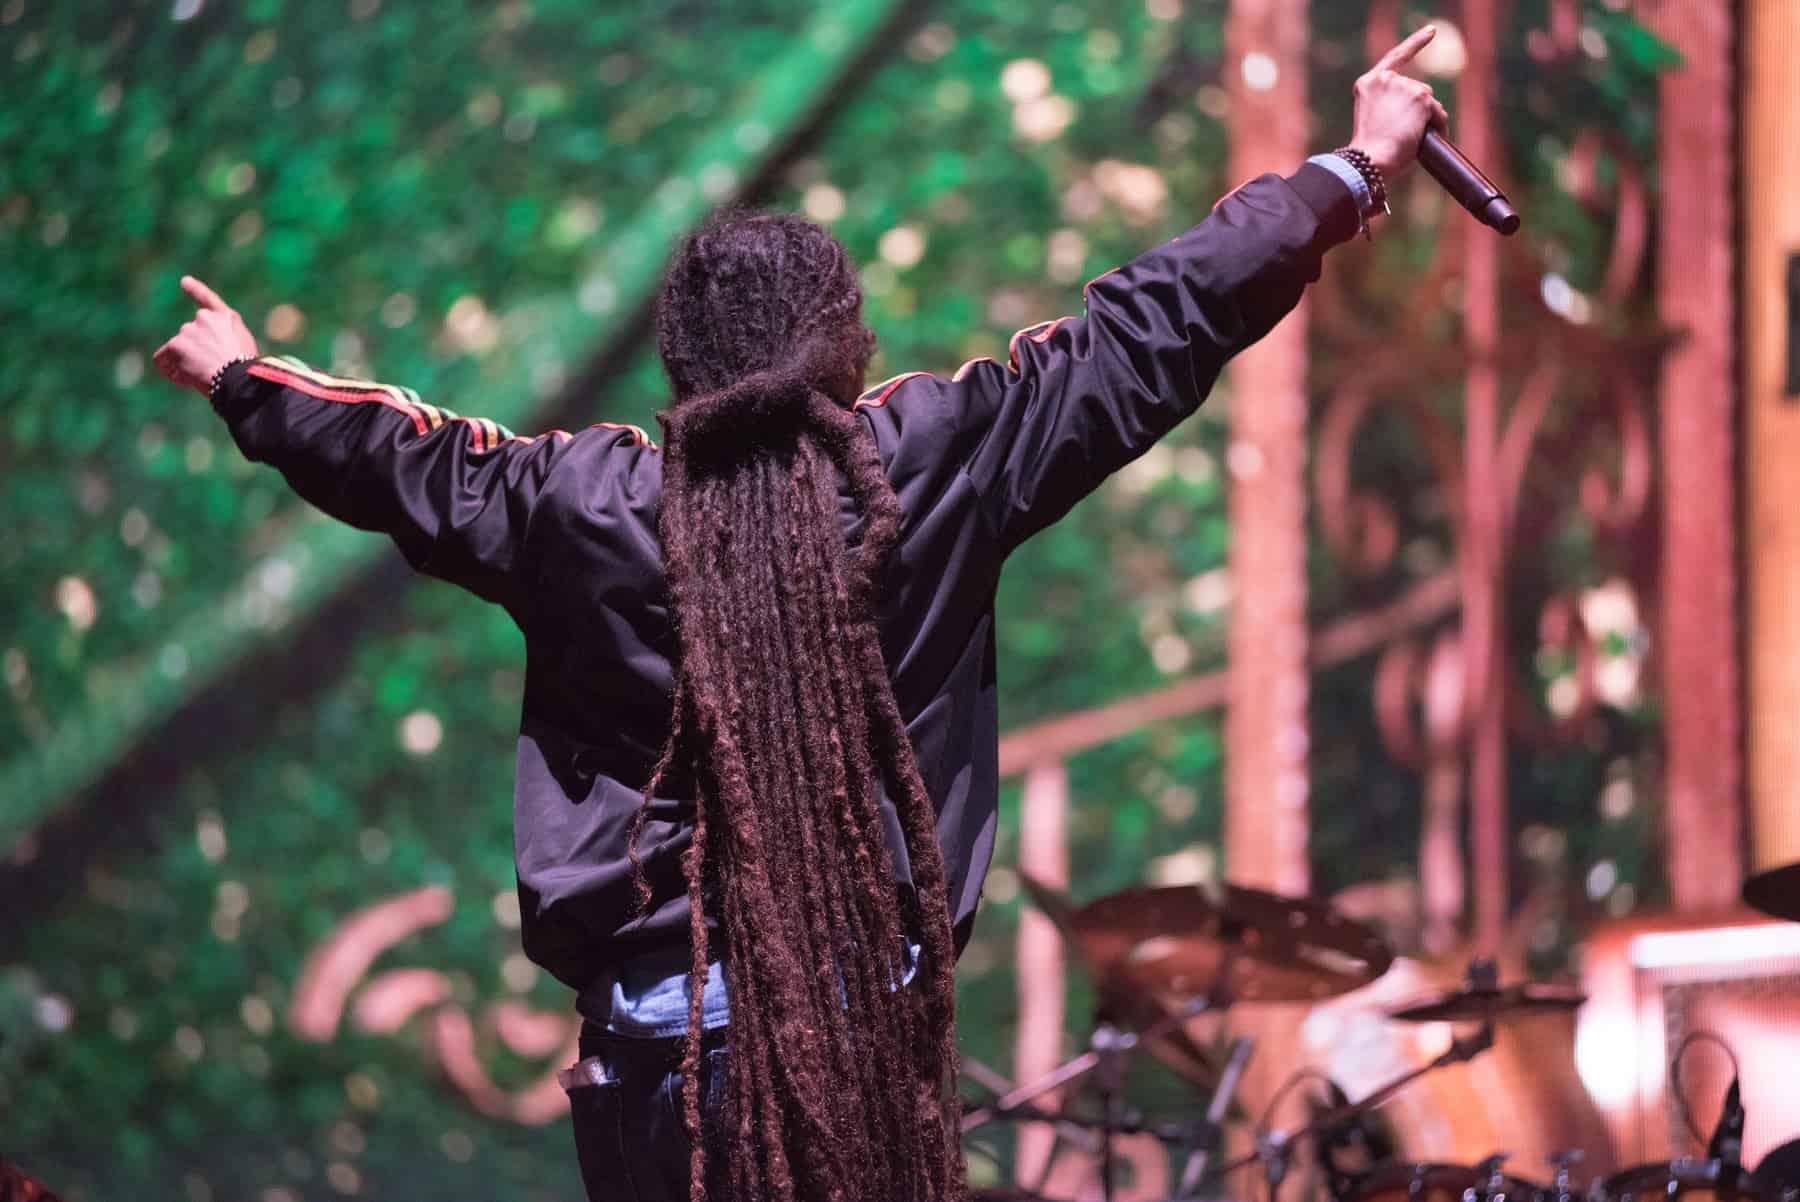 damian-marley-singing-live-bontida-romania-july-damian-marley-four-time-grammy-award-winner-son-reggae-legend-bob marley